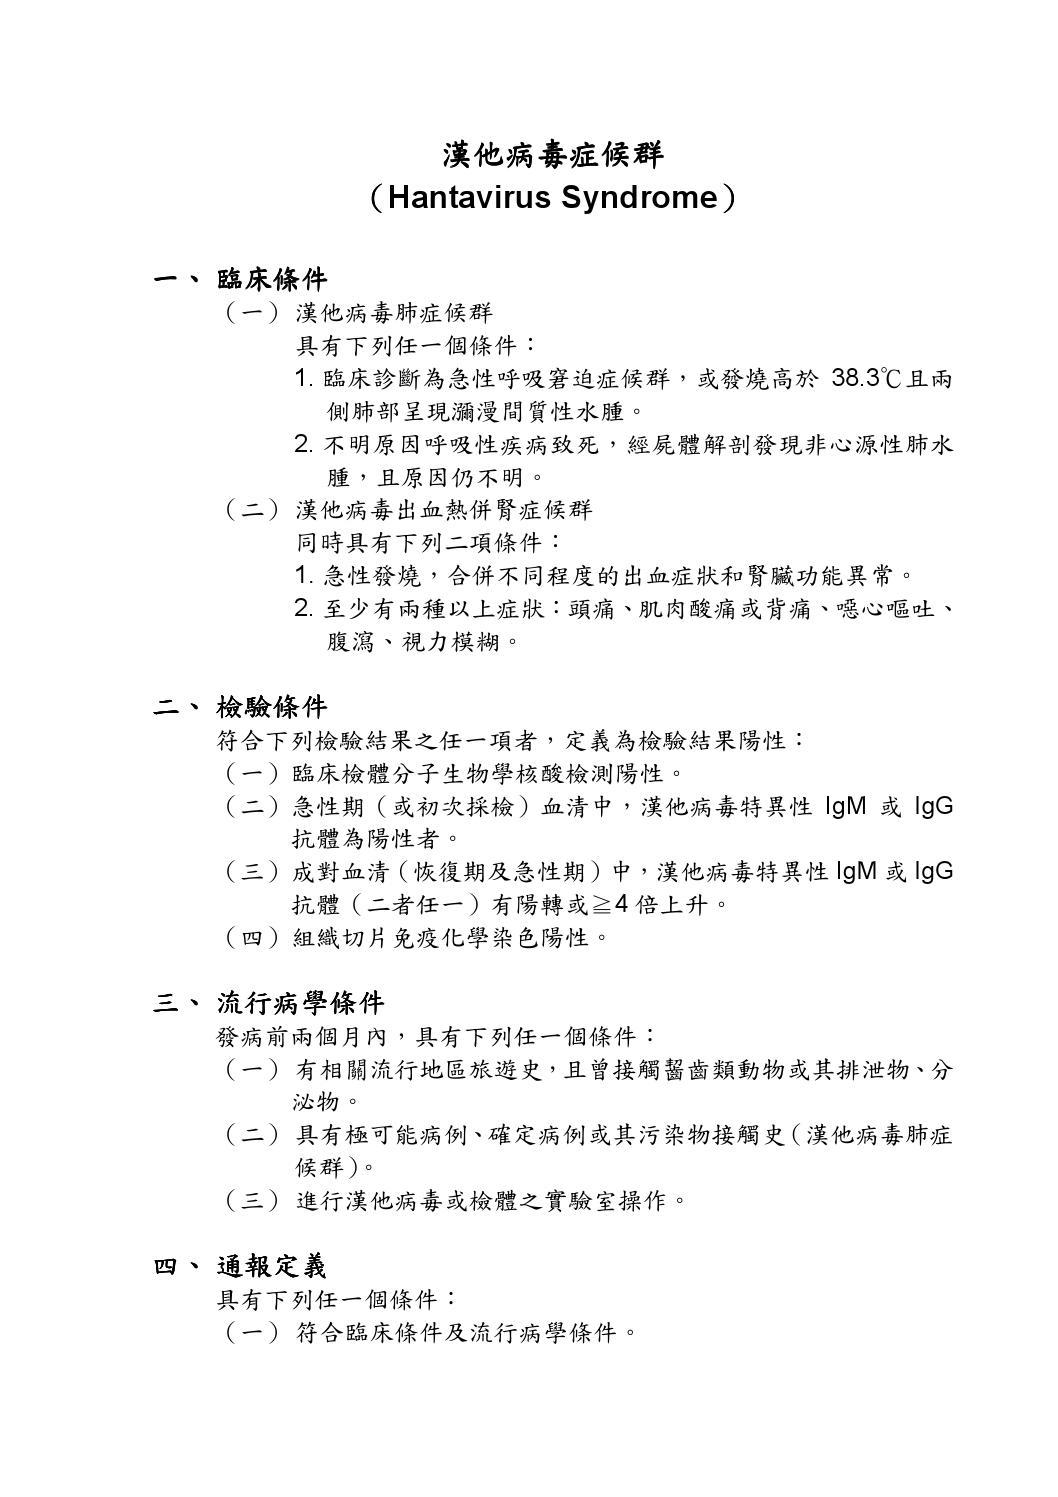 漢他病毒癥候群 by HUANG HUI-HSUN - Issuu